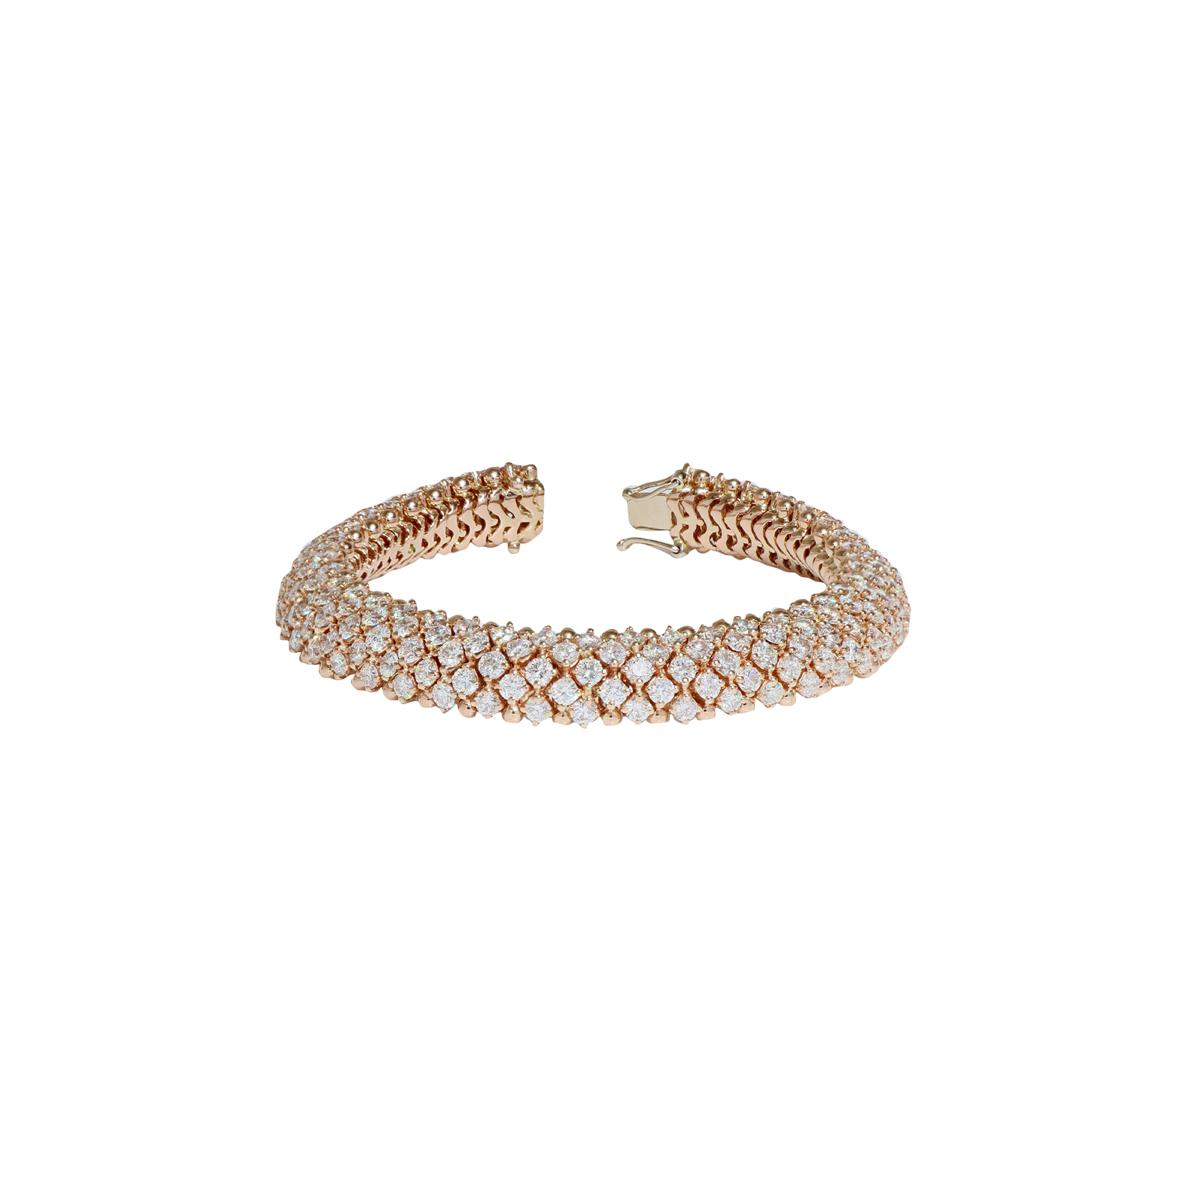 18 Kt Red Gold Diamond-Pavé Chain Bracelet